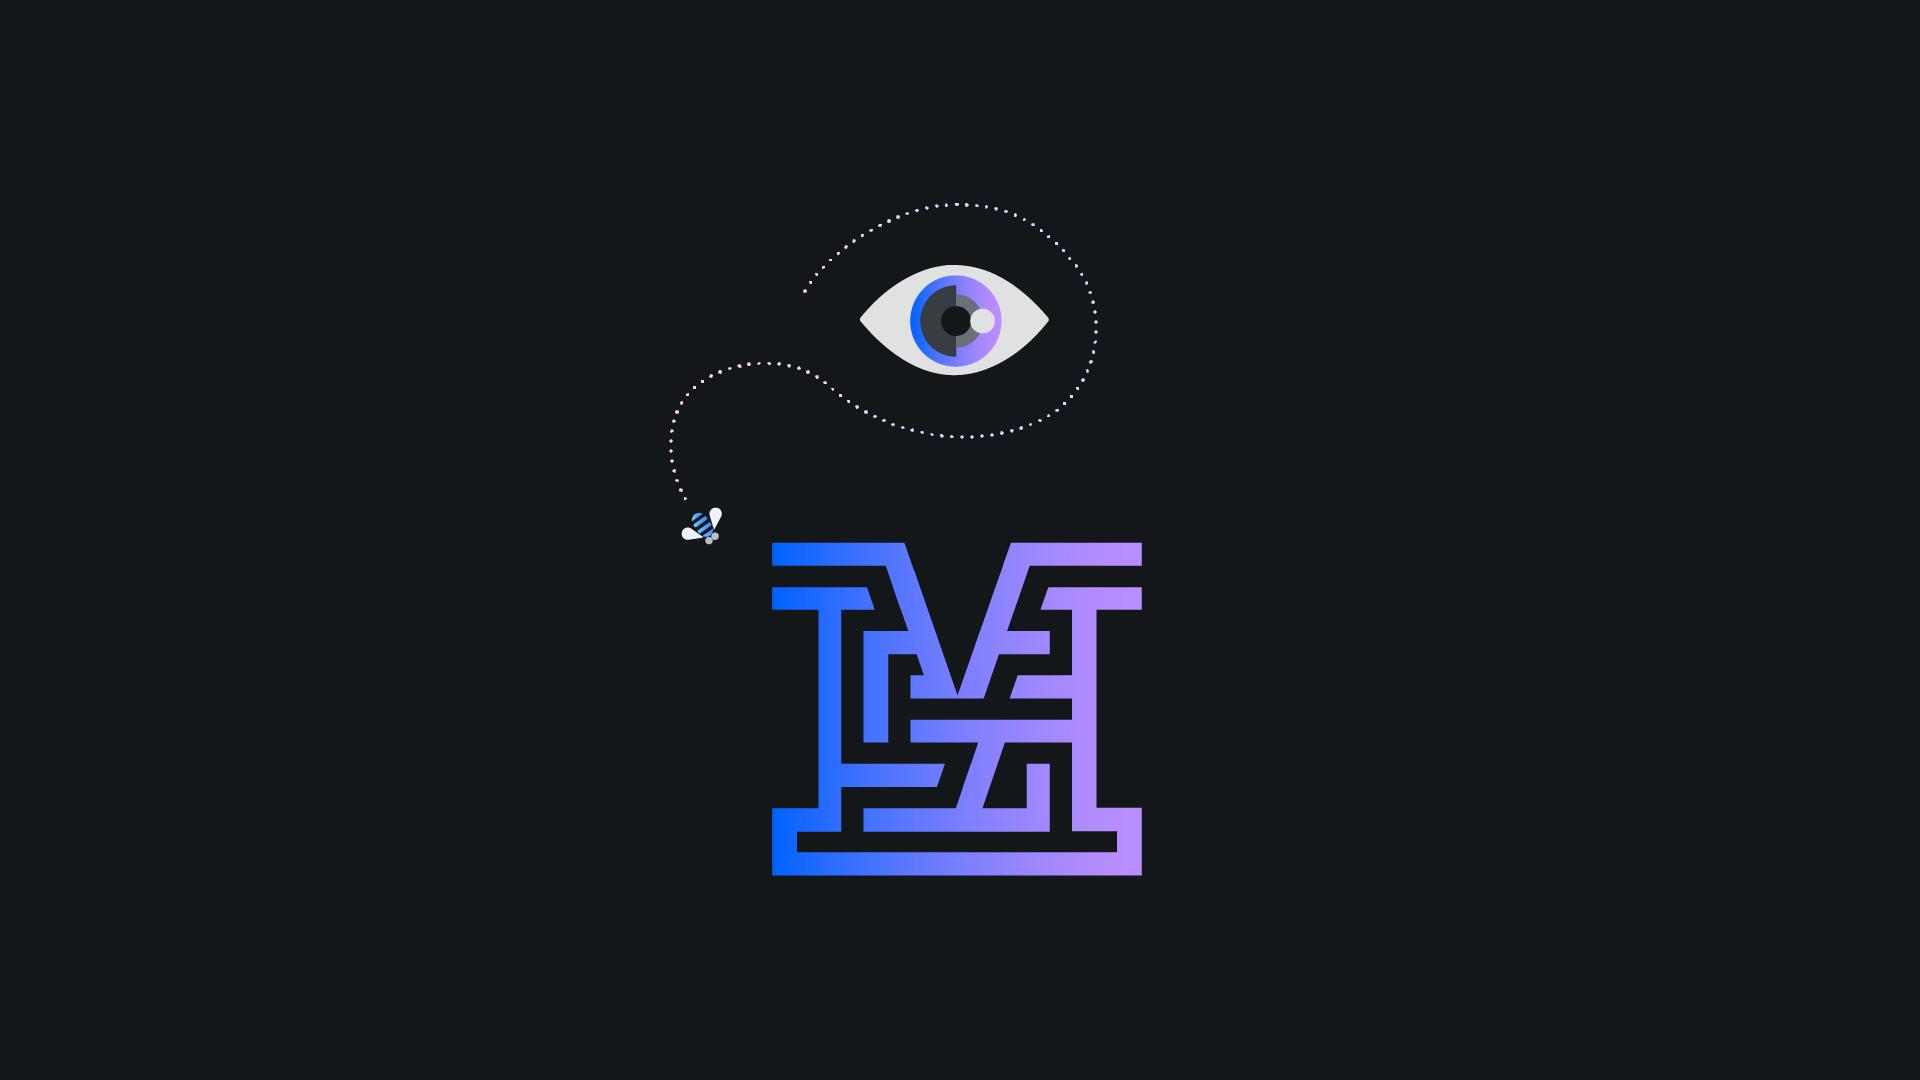 IMB – Smart City, Explainer Video / Visual Essay